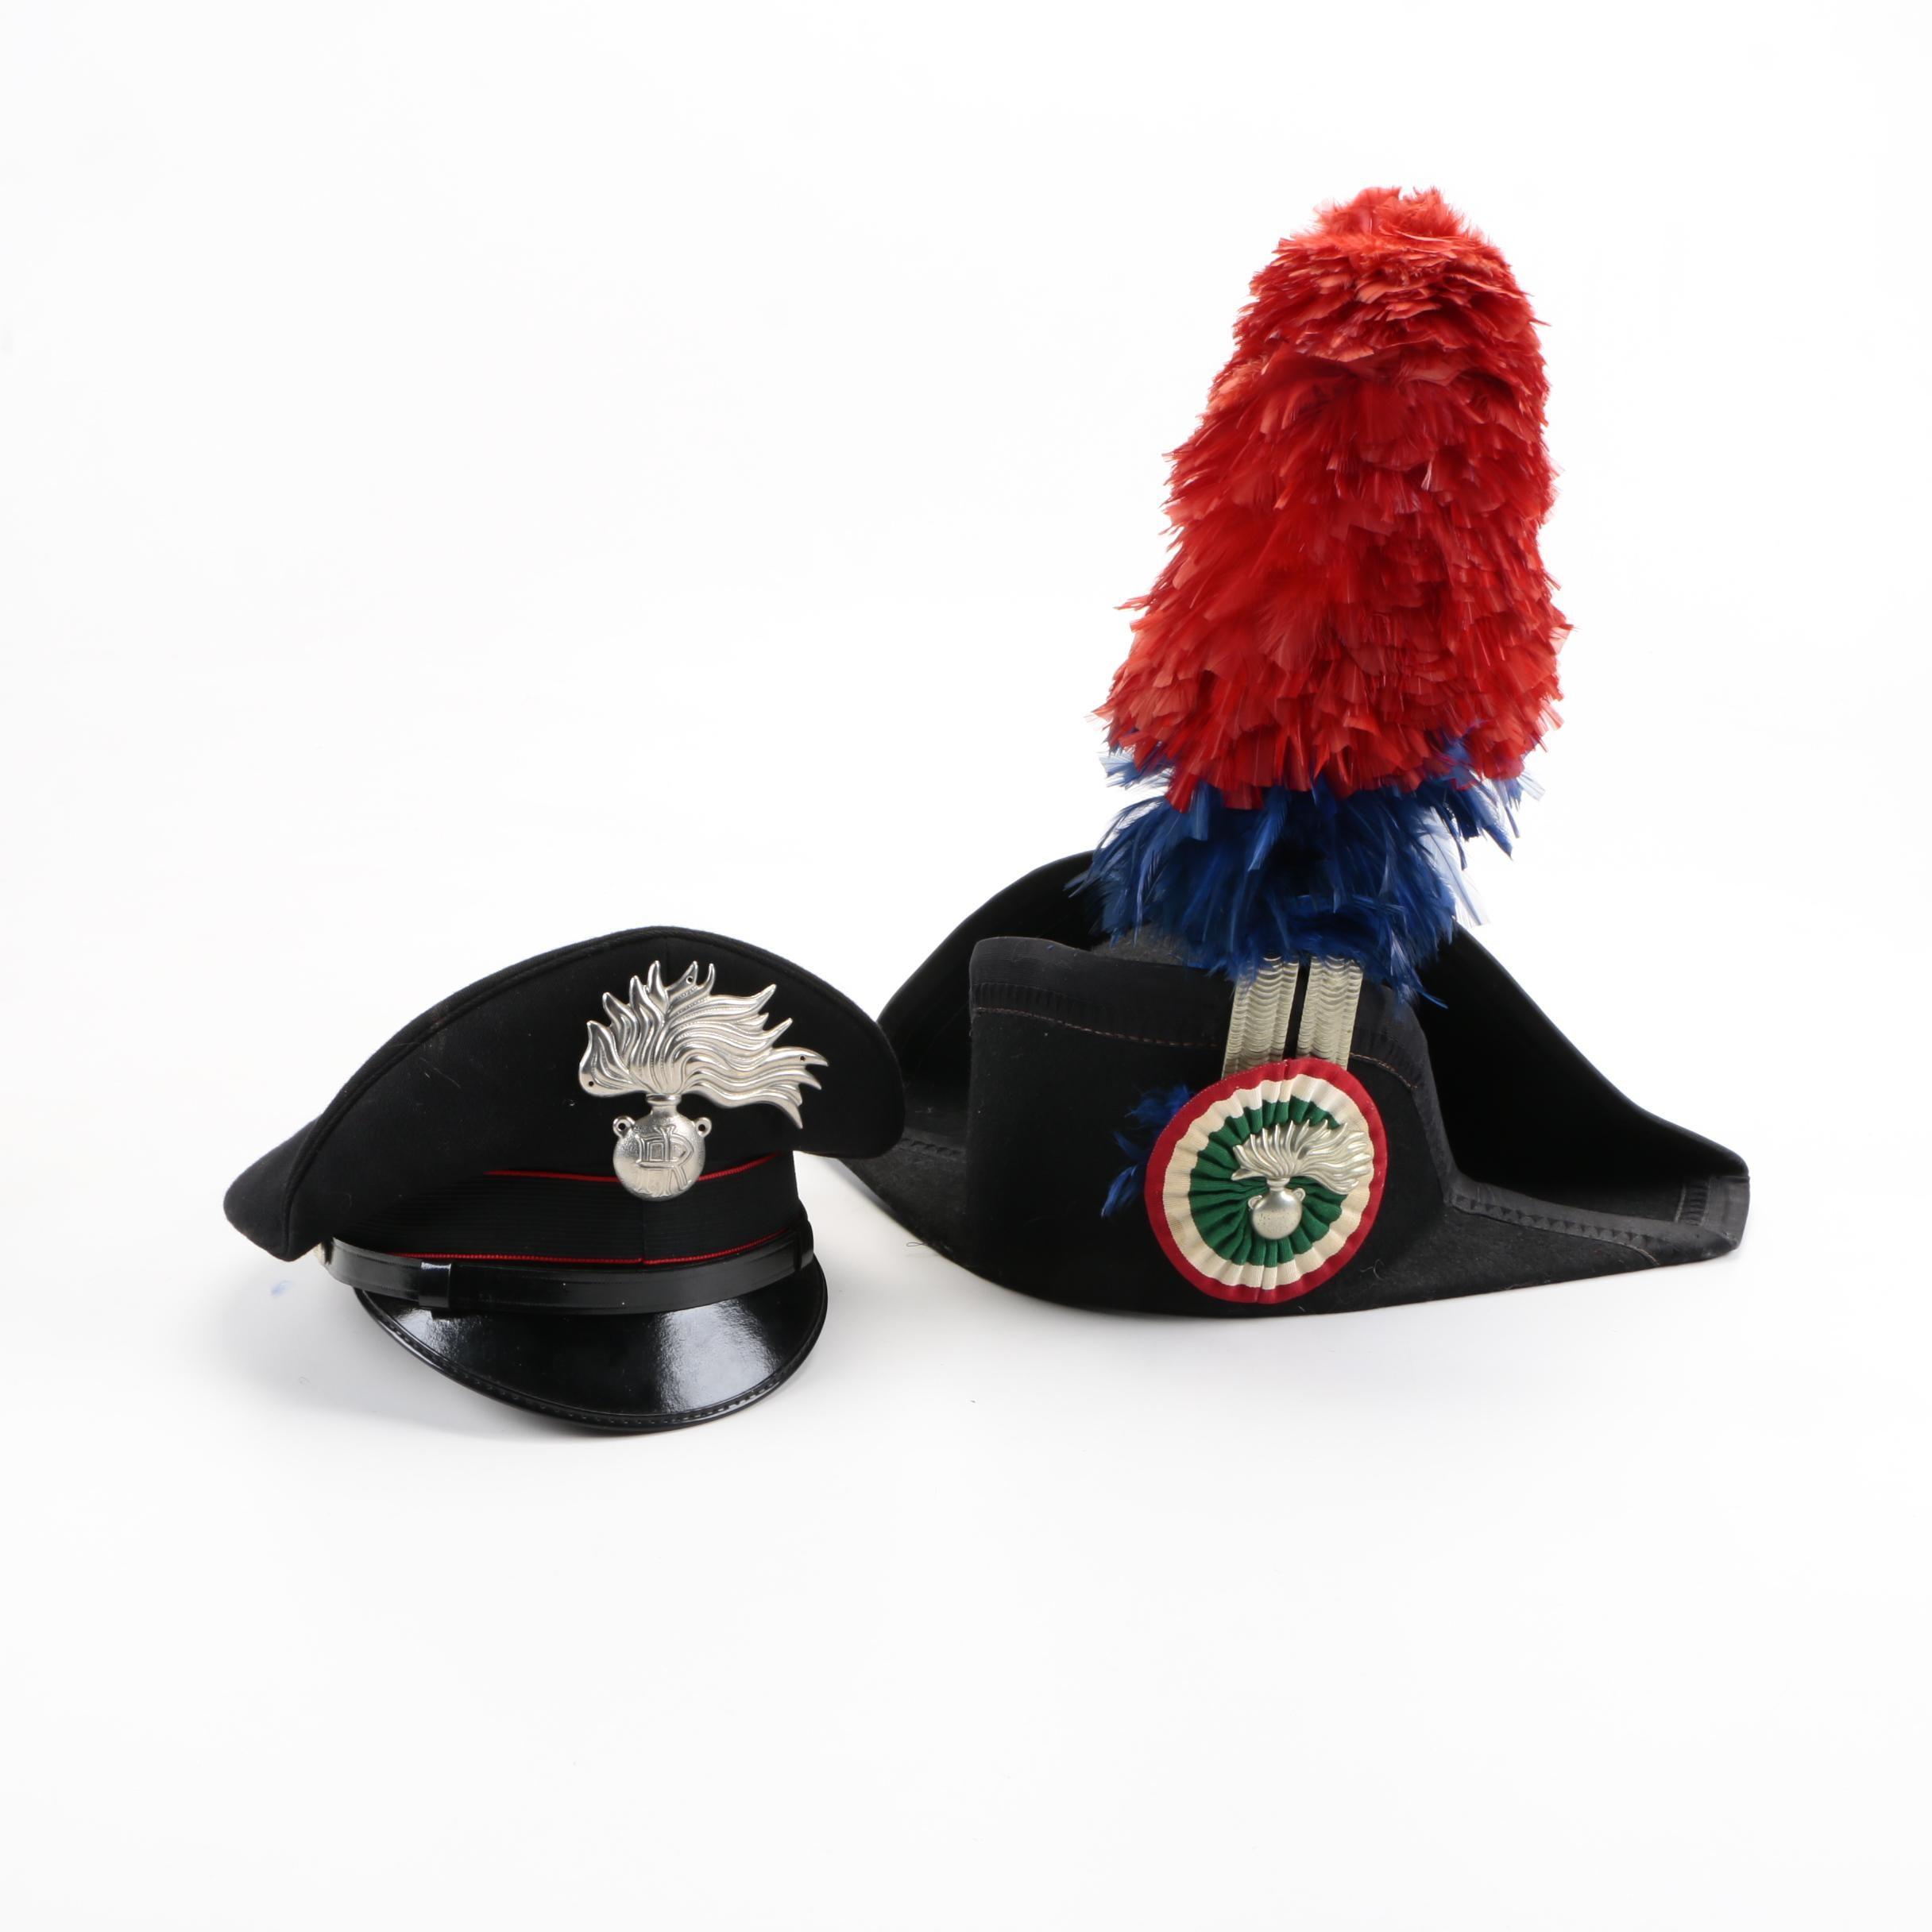 Italian Carabinieri Hats